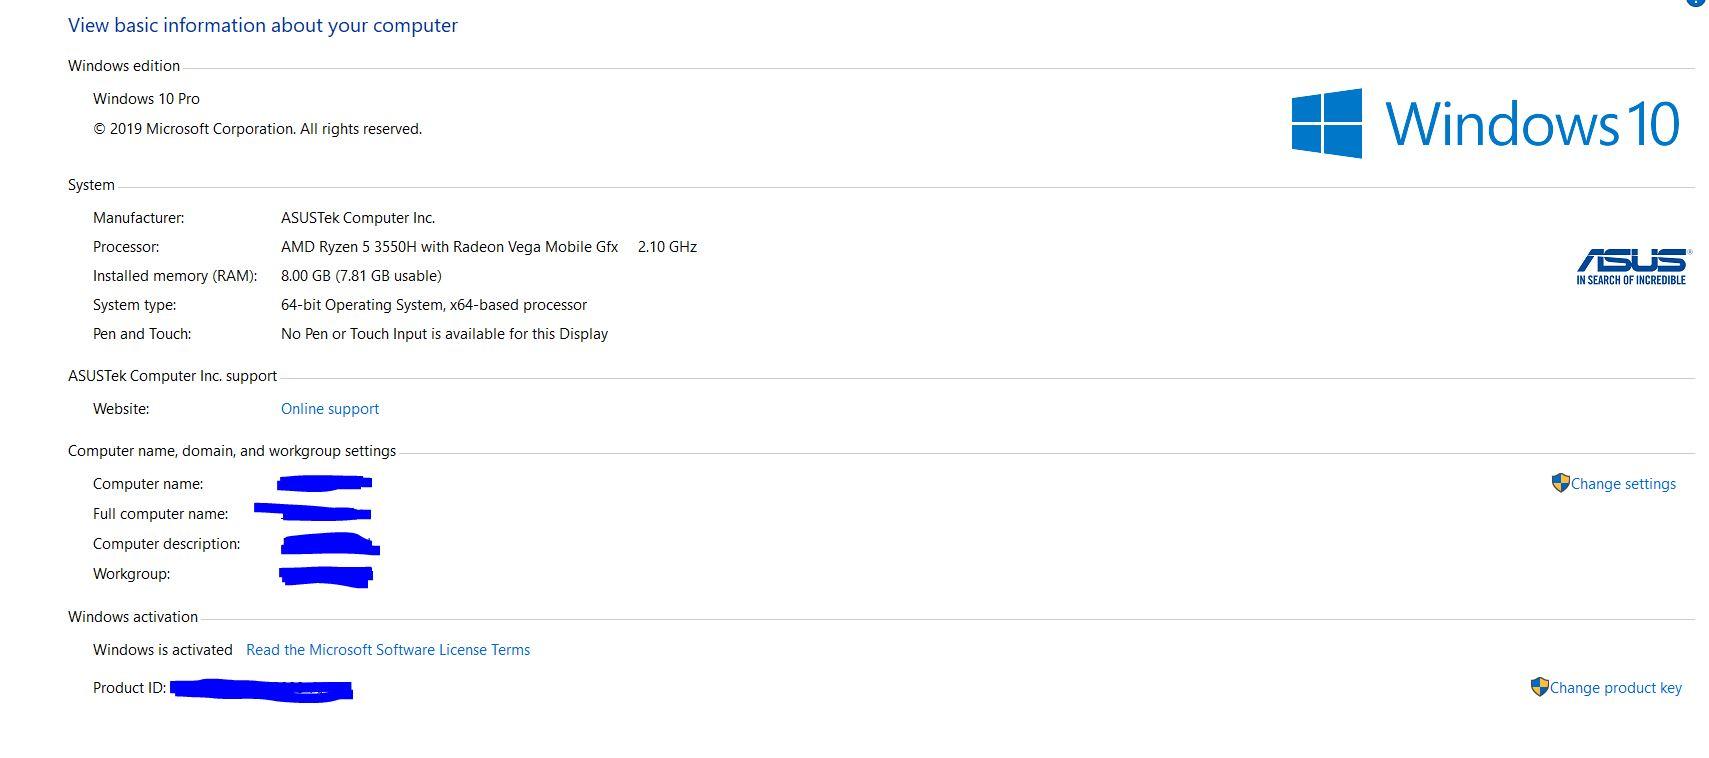 Hyper-V on Windows Pro wont install bf675e67-735d-42dd-9f76-66694c450943?upload=true.jpg